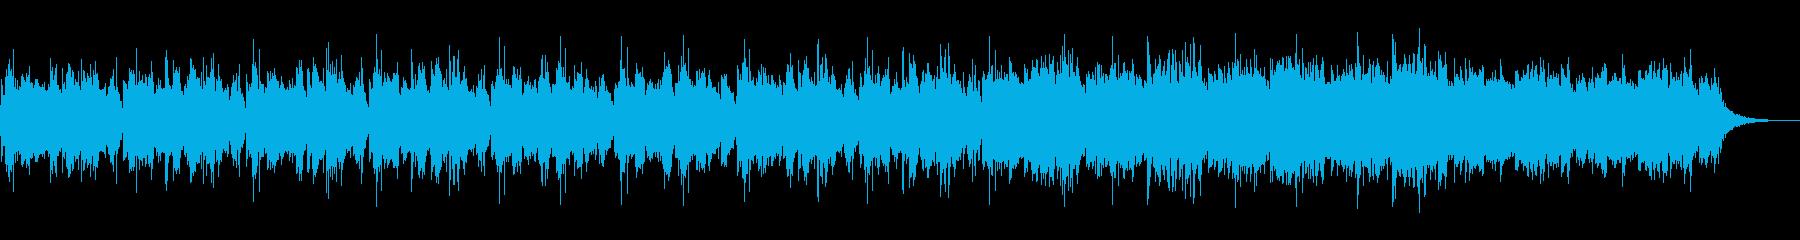 ✋神秘的な深海の中_アンビエント✋の再生済みの波形